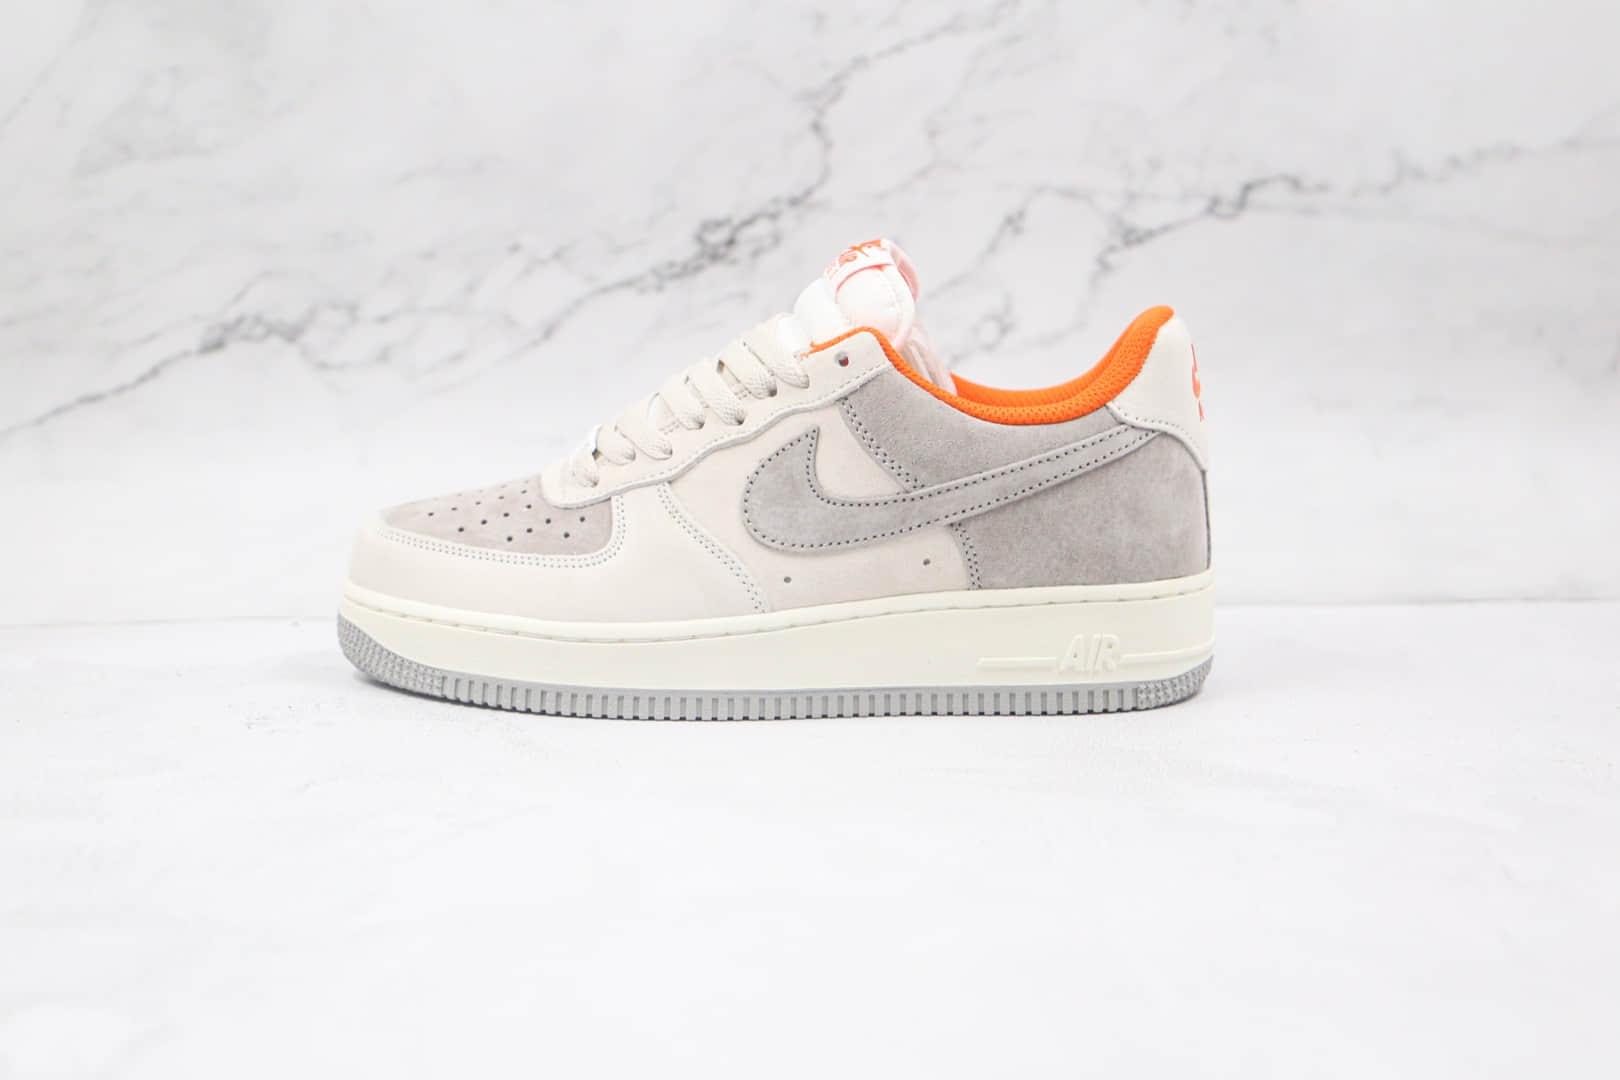 耐克Nike Air Force 1 '07 Grey White Brown纯原版本低帮空军一号灰米白橘色麂皮帆布拼接板鞋内置Sole气垫 货号:CC5059-102